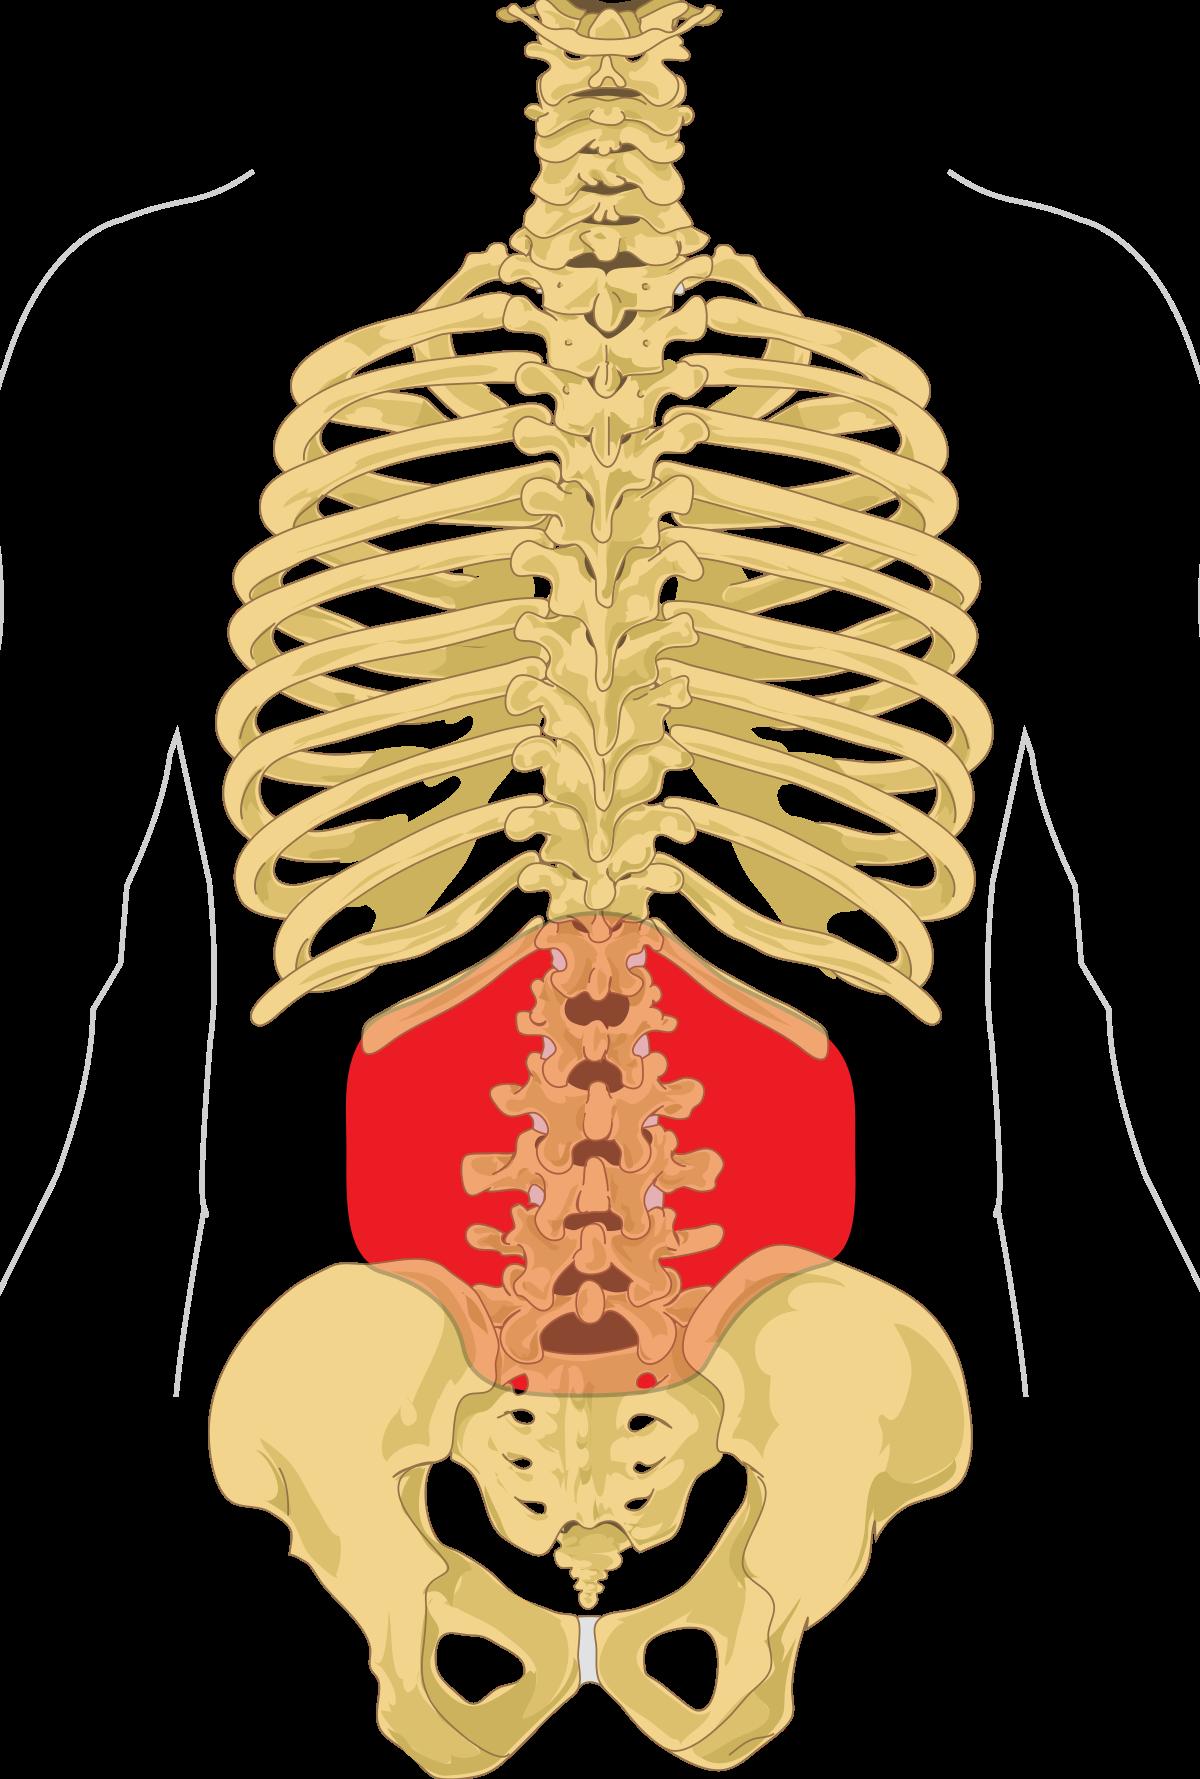 minden ízület és gerinc fáj, mi az